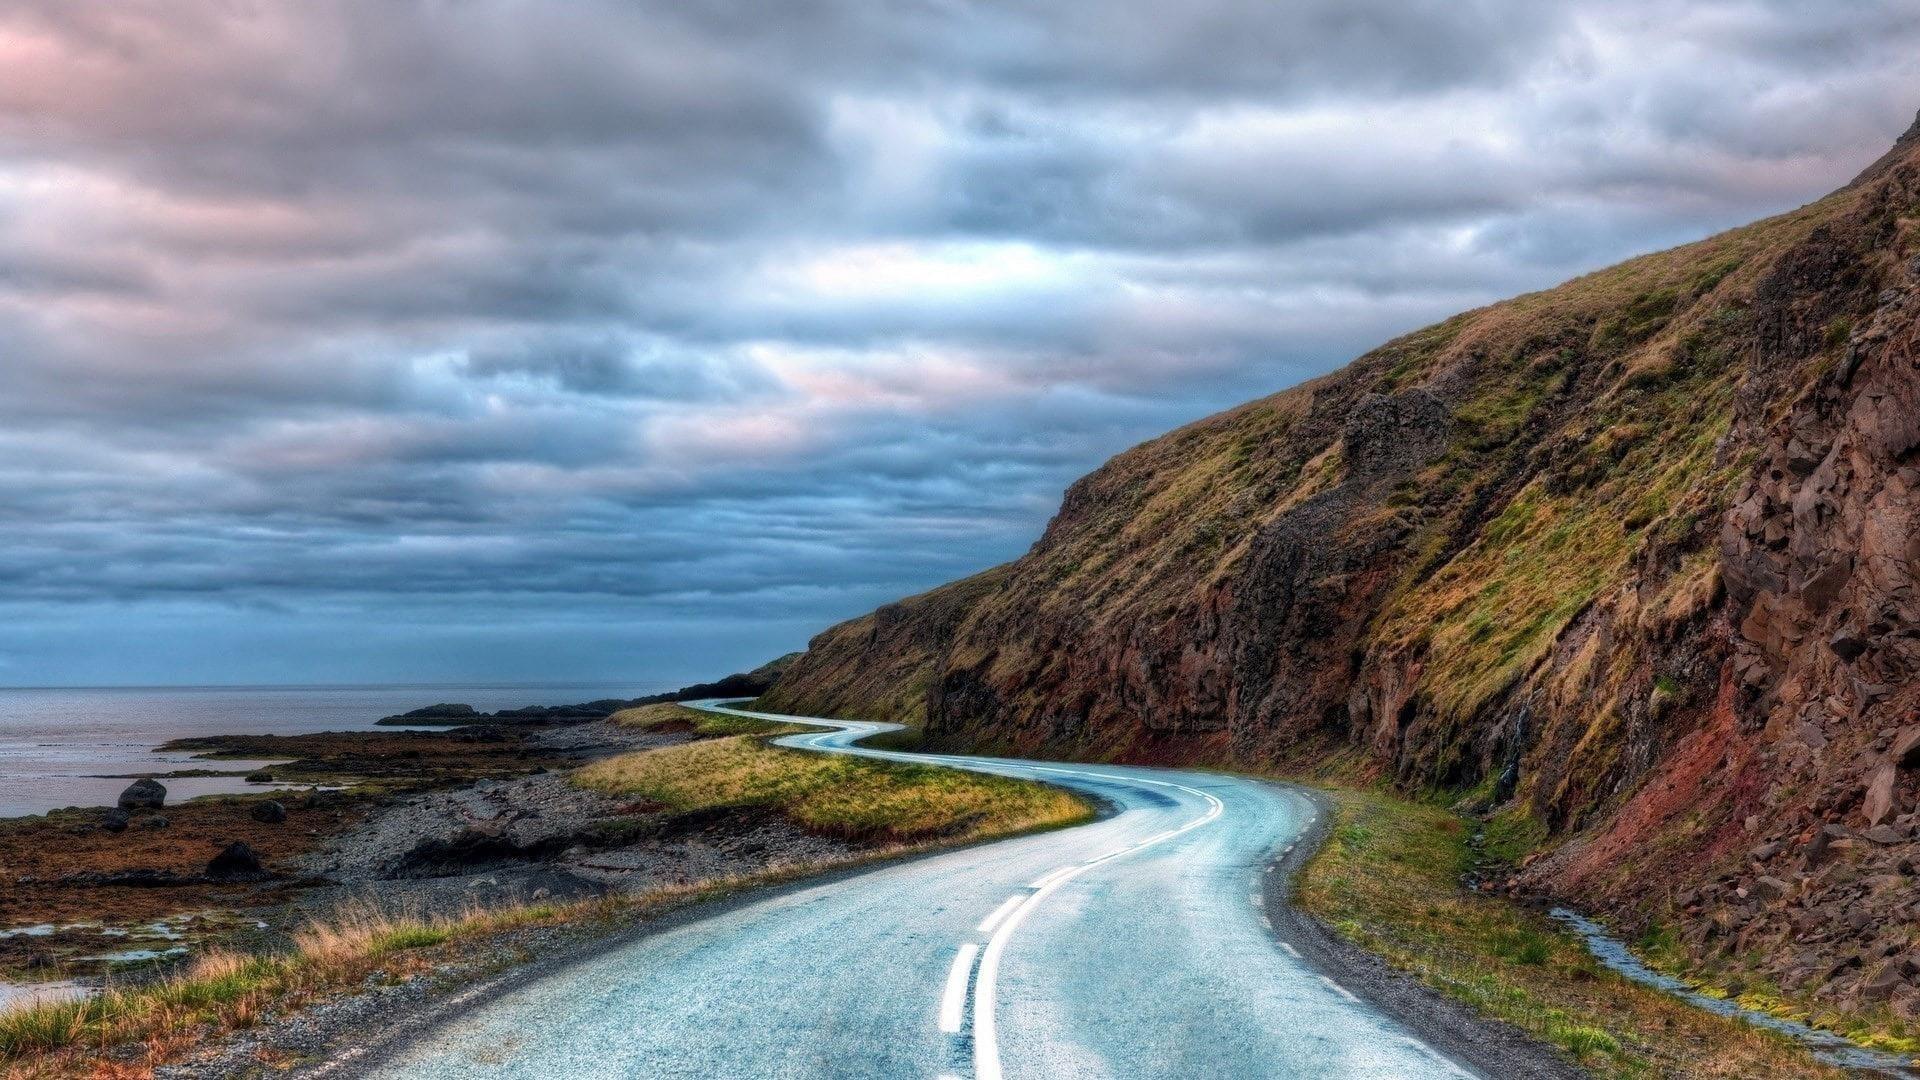 Дорога между зелеными водорослями, покрытыми скалами, вода под черно-белыми облаками, небо, природа обои скачать